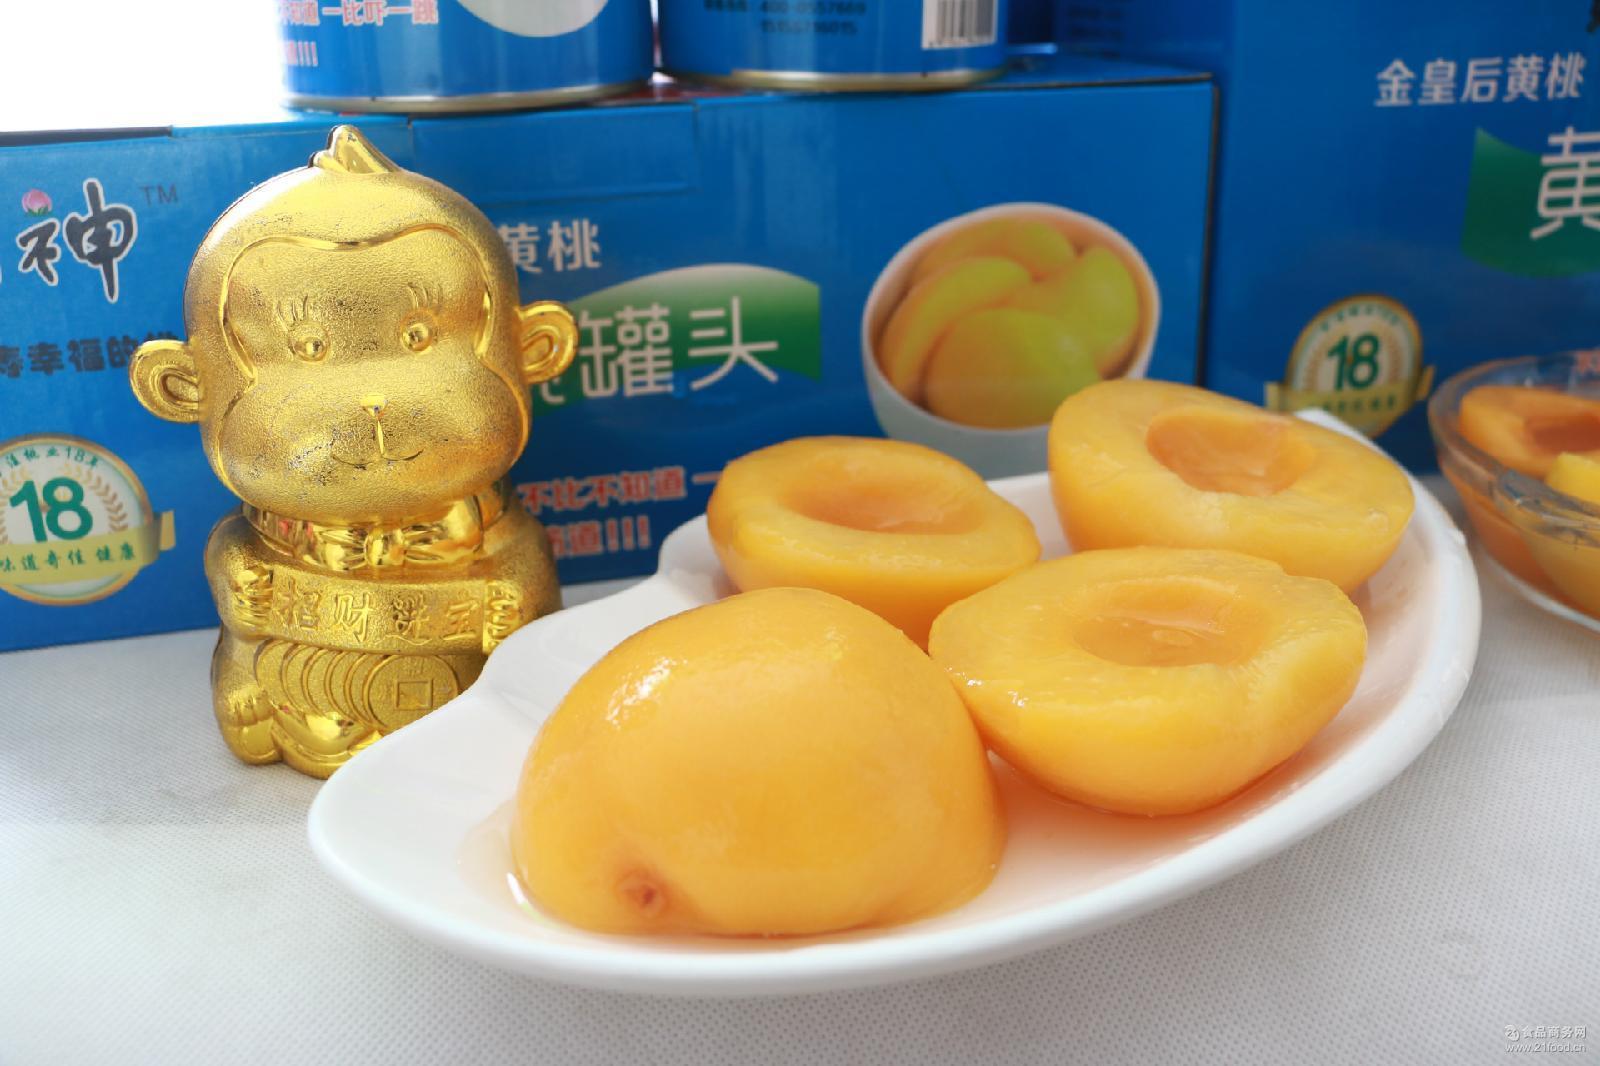 厂家直销 820g*3罐装 支持一件代发 桃神牌黄桃罐头